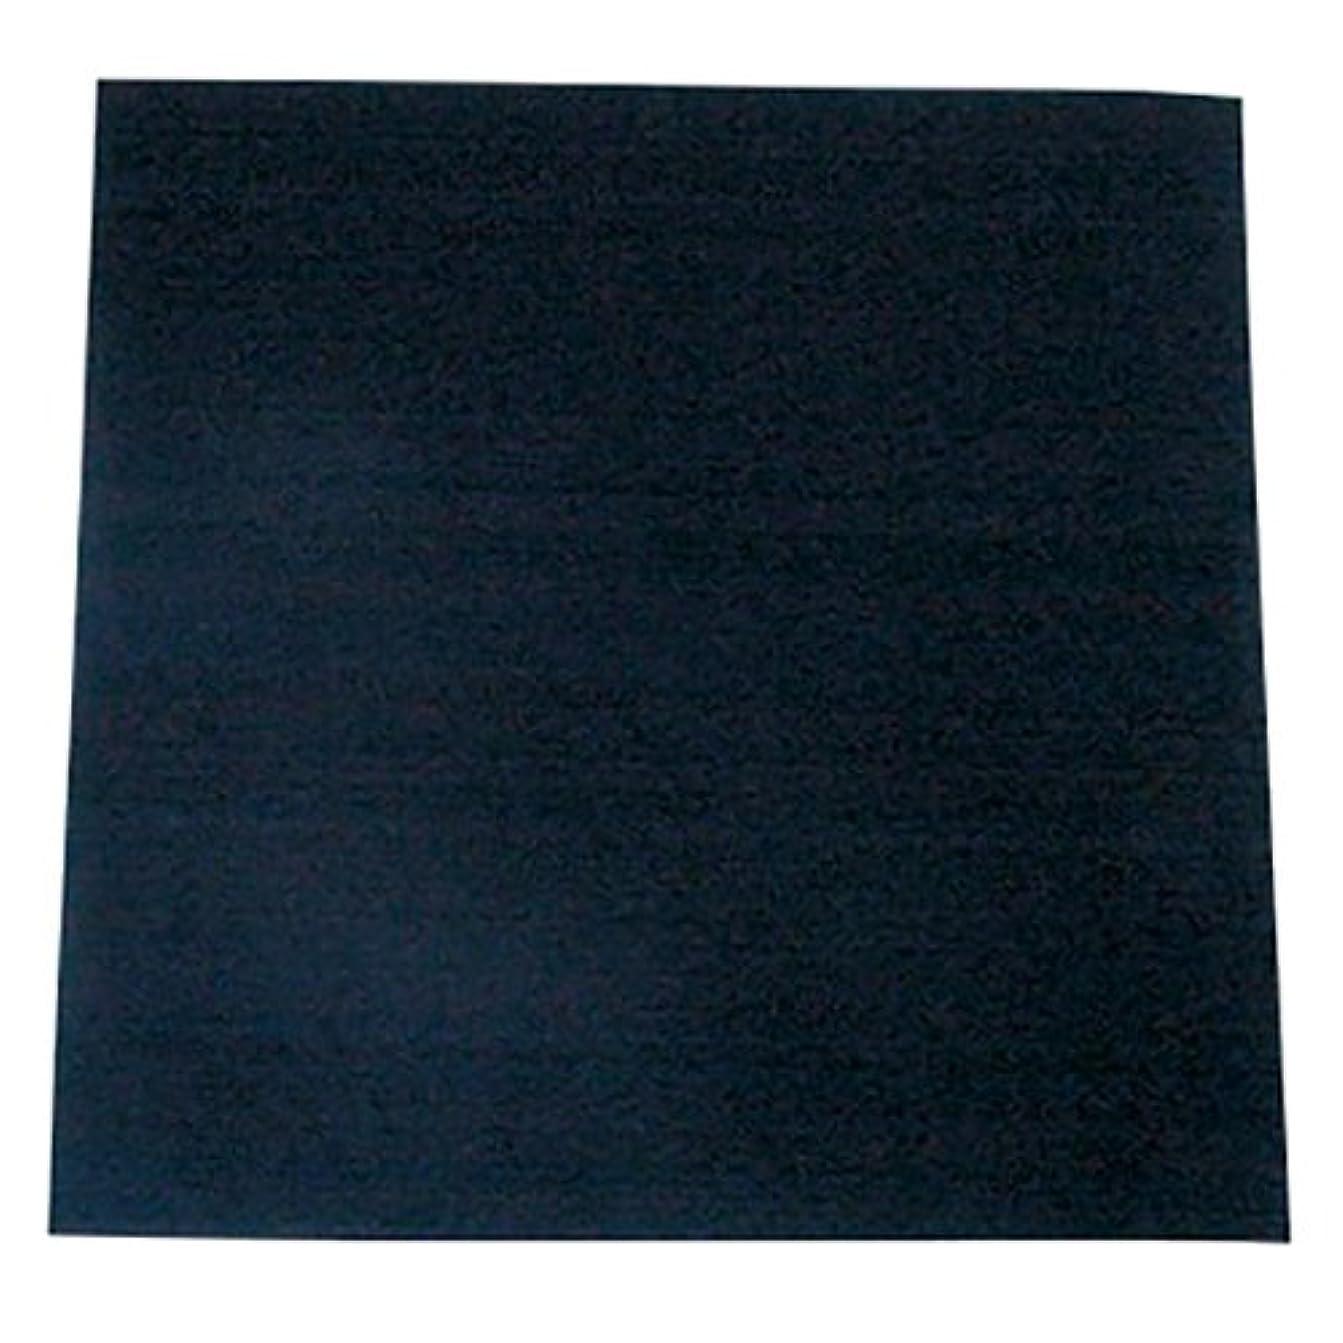 献身引き受ける銅八幡ねじ クッション材 ネオセール革付 粘着シート付 30×0.15×30cm 1個